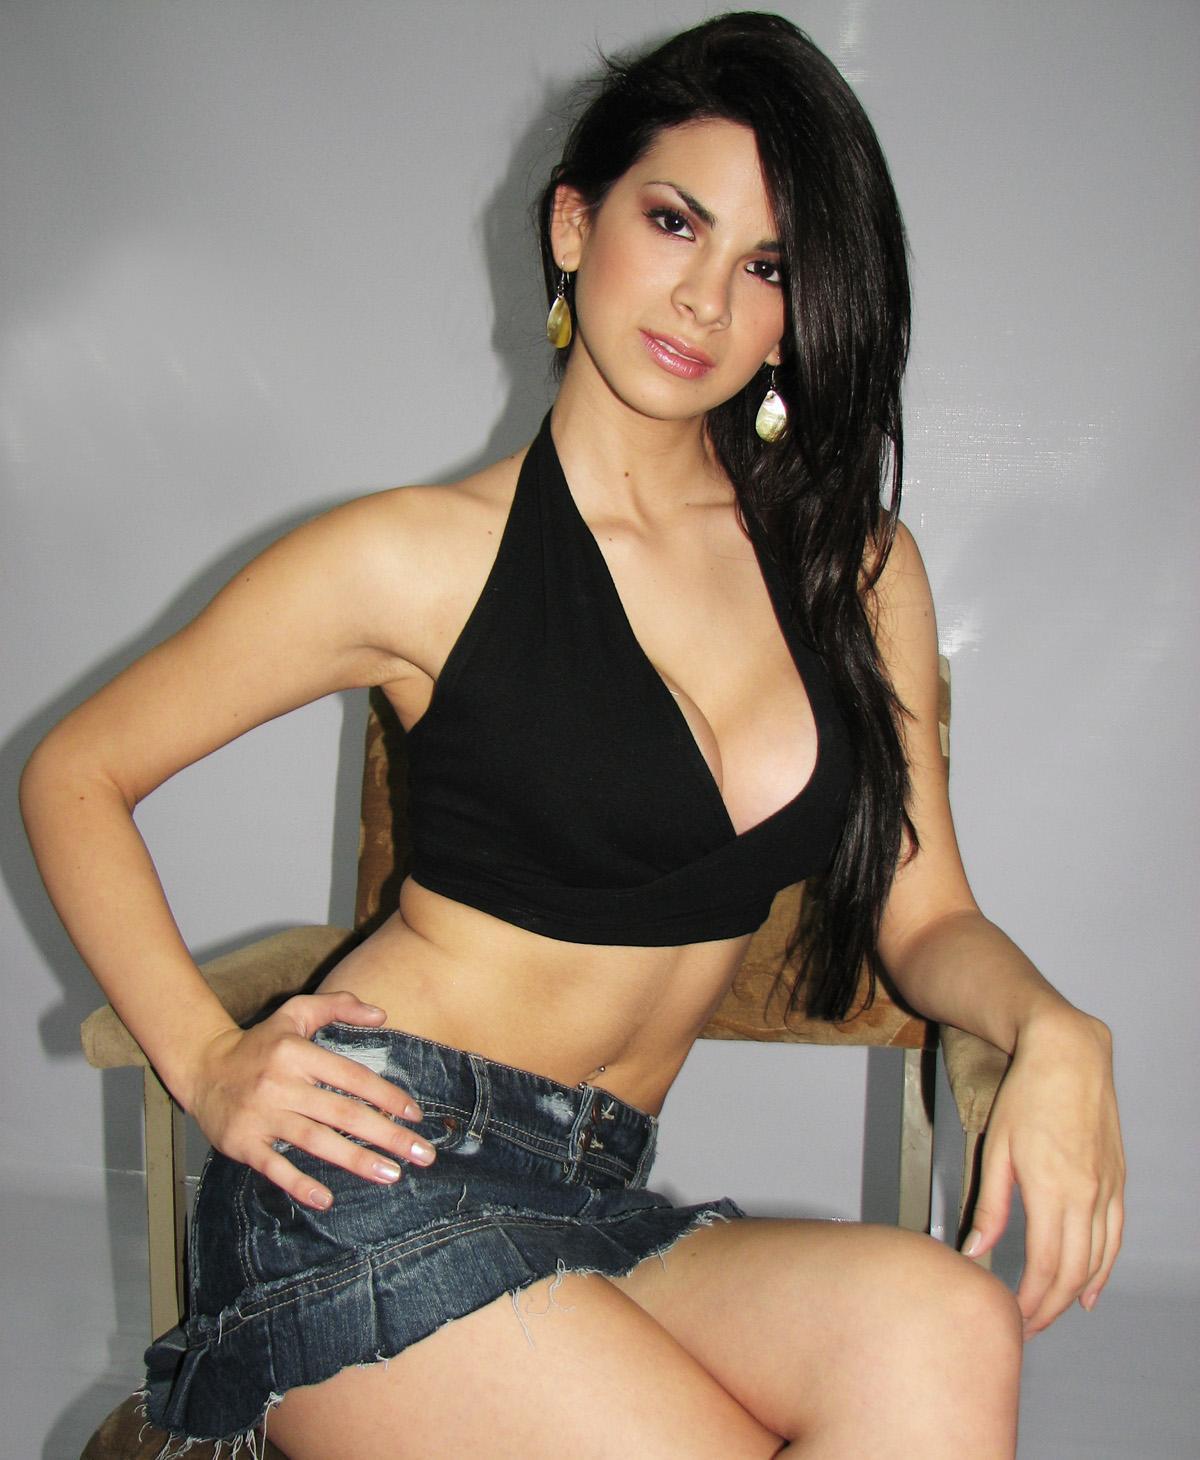 http://1.bp.blogspot.com/-h7vMc-EMFRM/UOgjzs3Sg_I/AAAAAAAAFLM/wM_eX5oejCo/s1600/sully_01_big.jpg